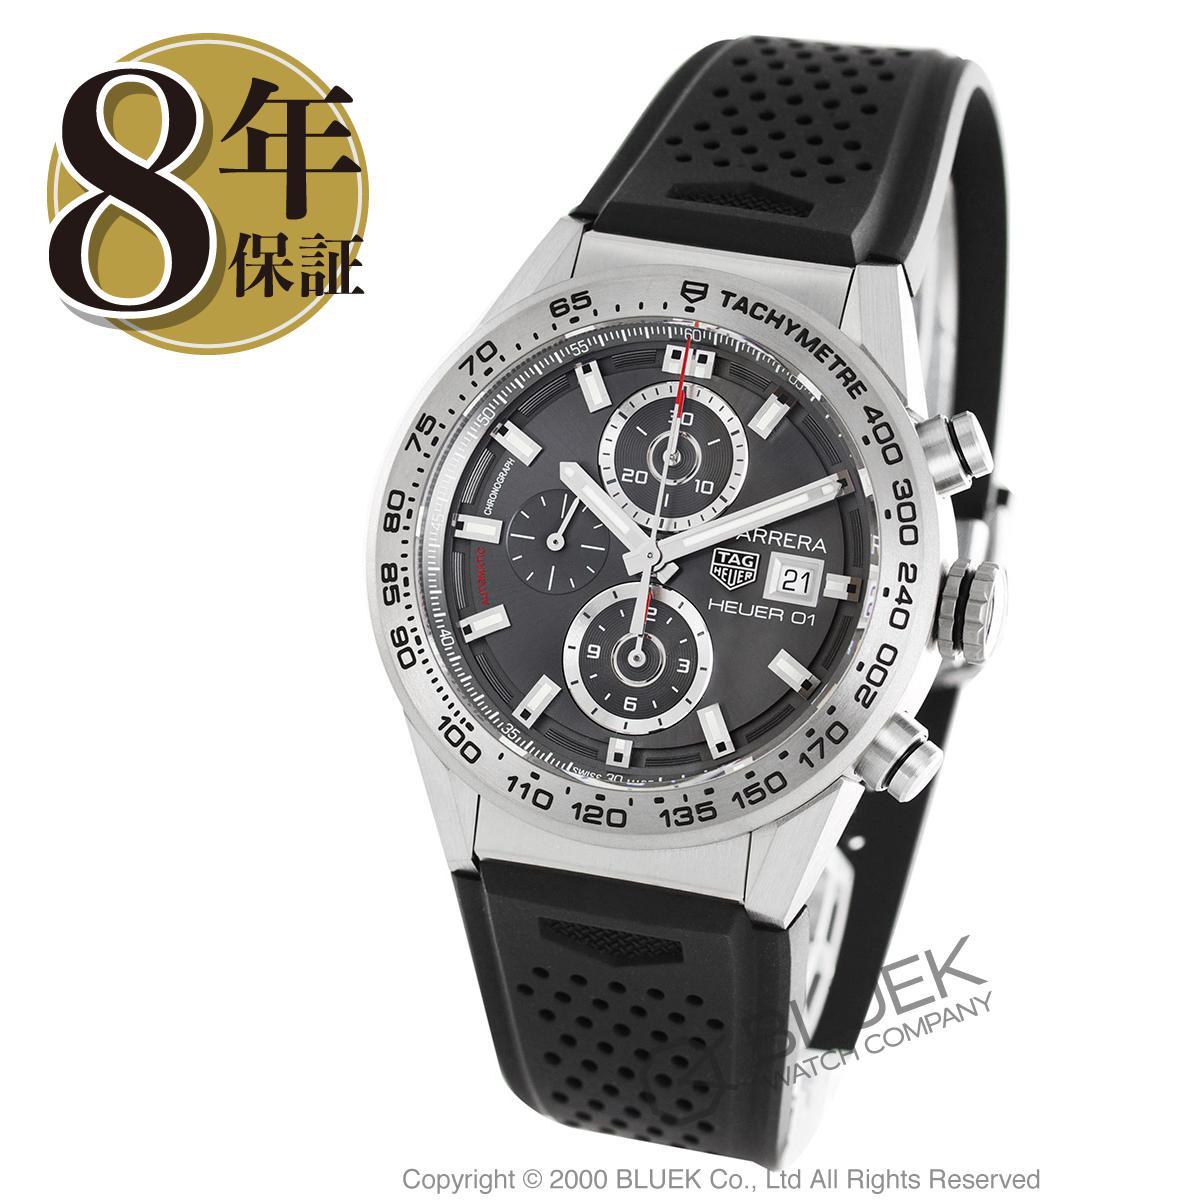 タグホイヤー カレラ ホイヤー01 クロノグラフ 腕時計 メンズ TAG Heuer CAR208Z.FT6046_8